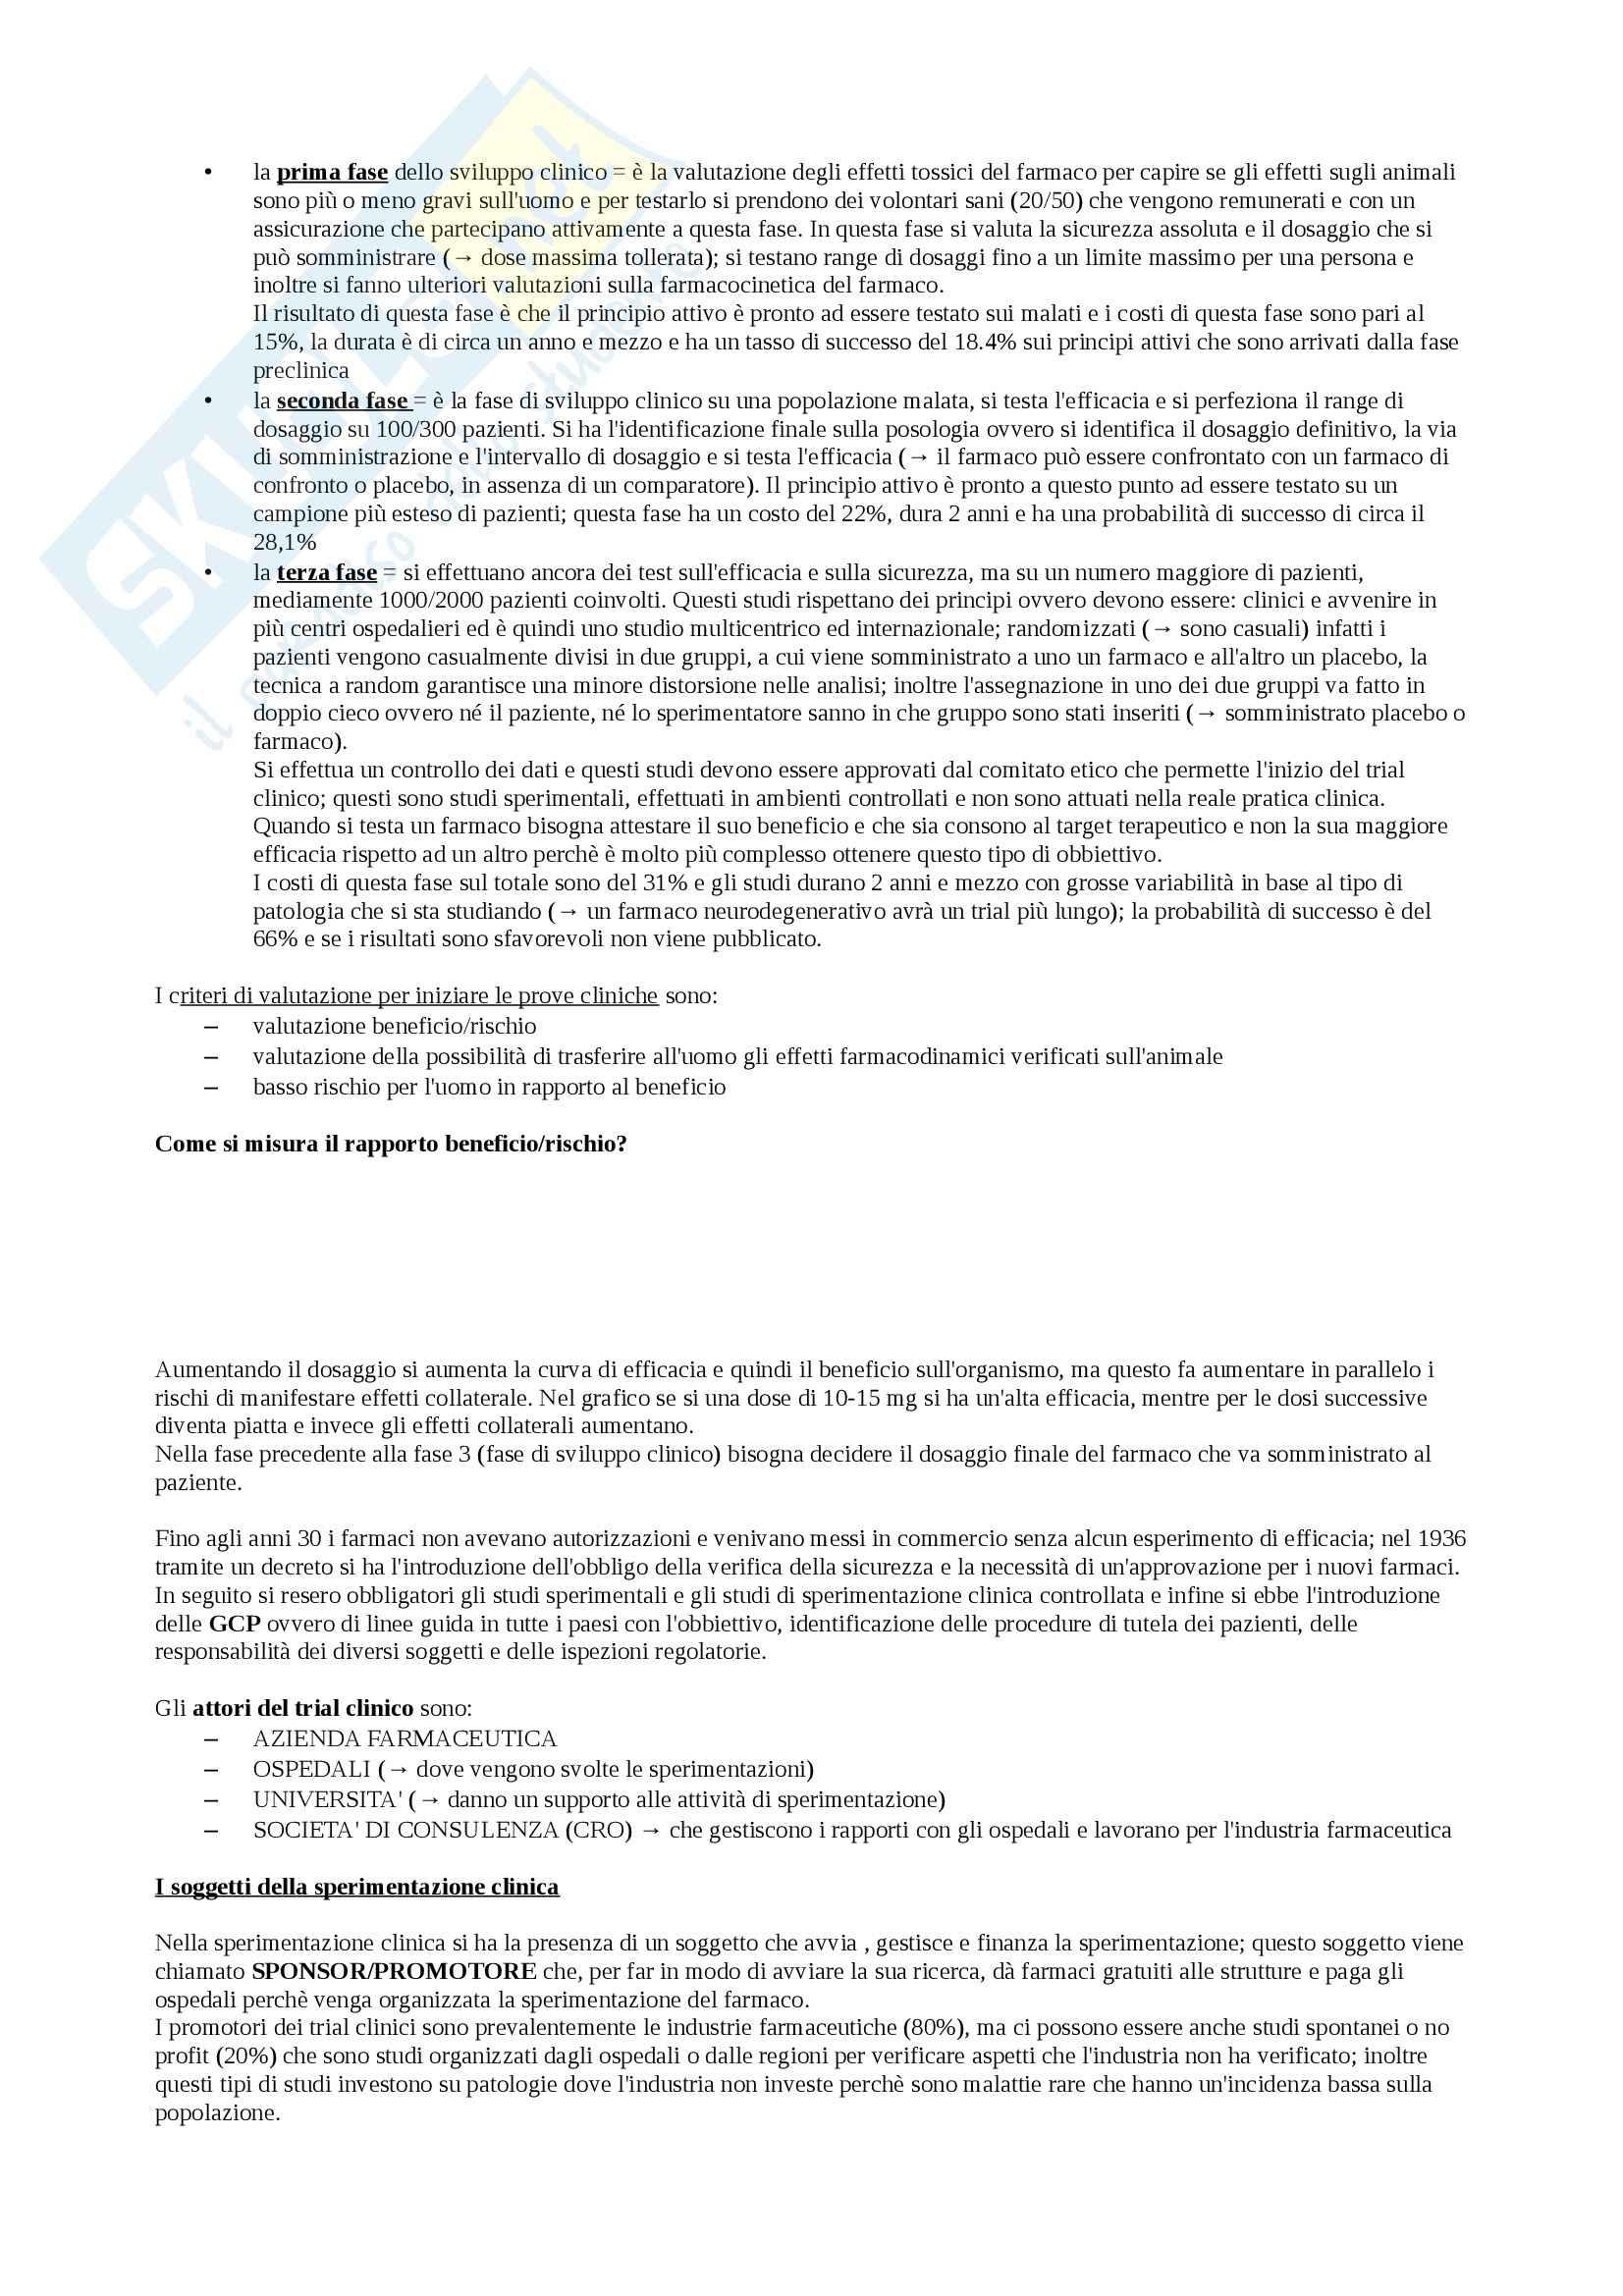 Organizzazione dell'azienda farmacia e farmacoeconomia - Appunti Pag. 6